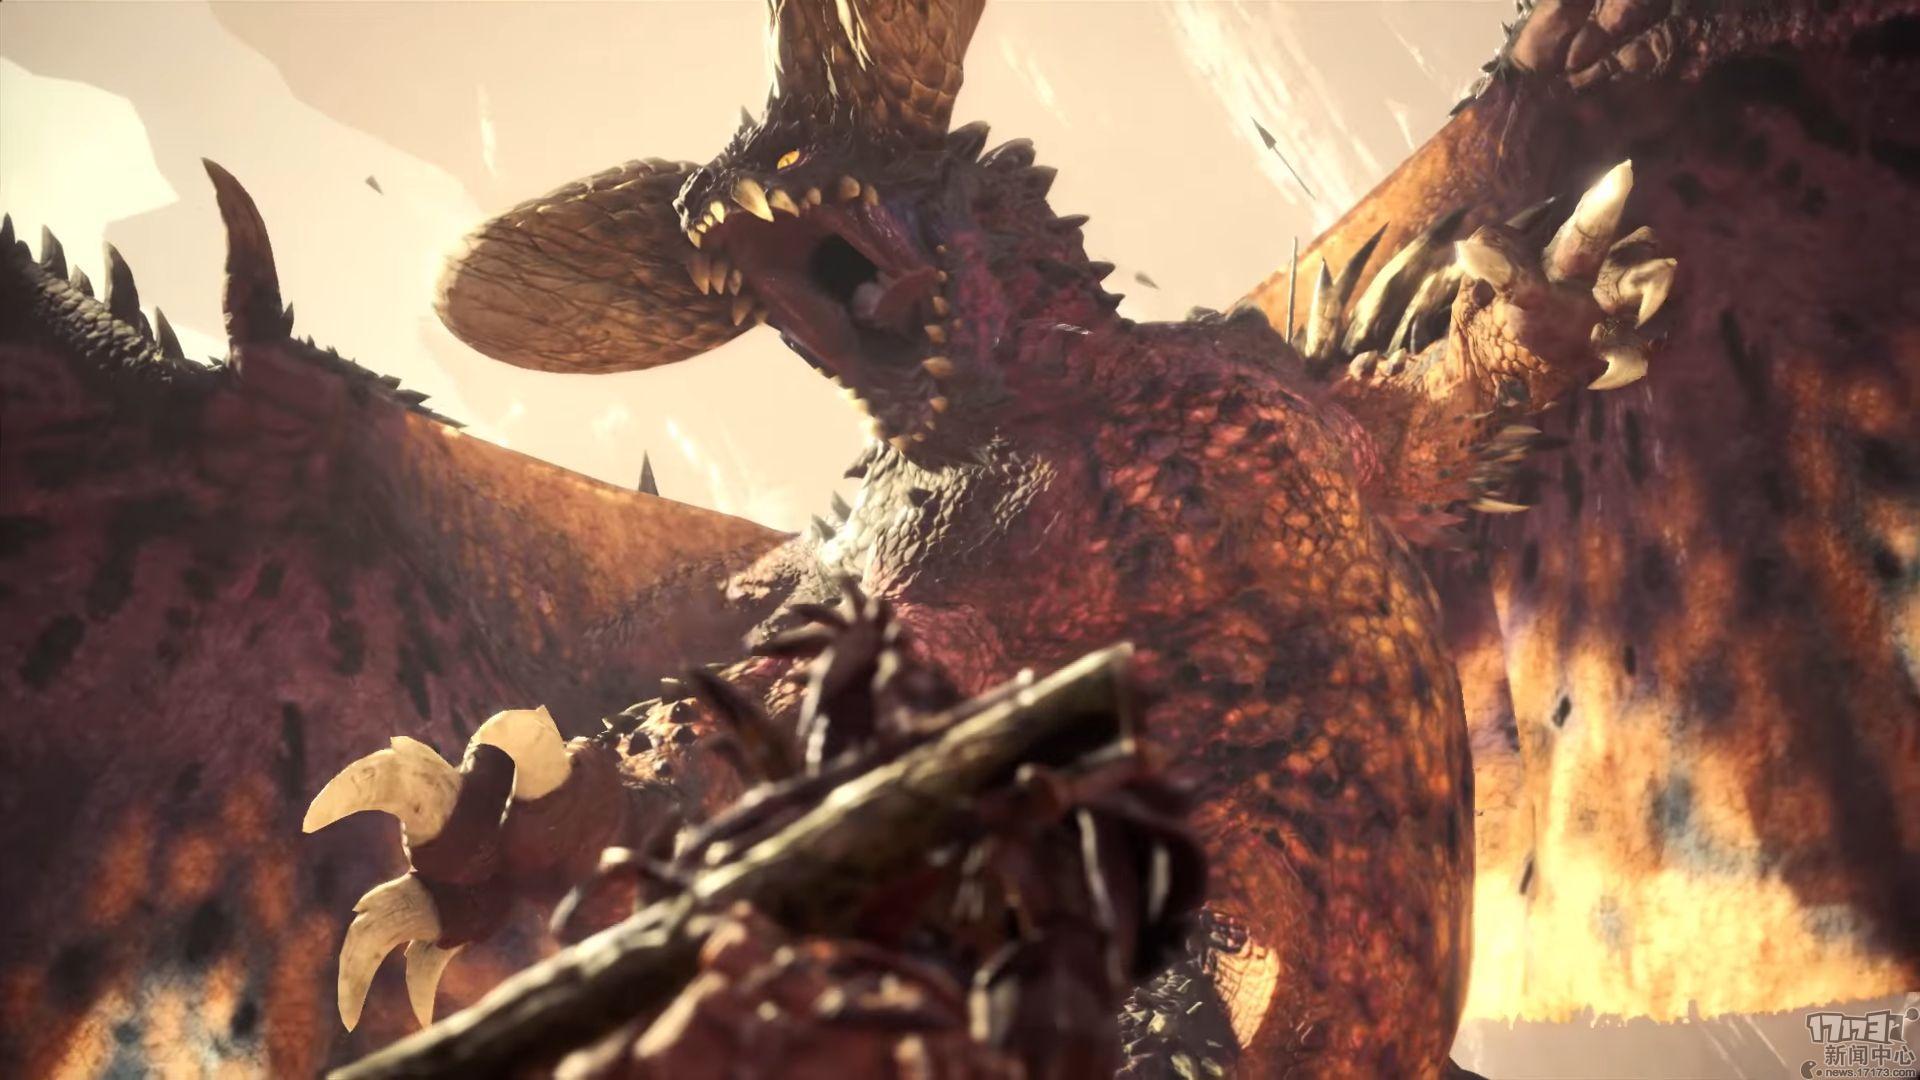 《怪物猎人:世界》VS《巫师3》联动活动即将开启 杰洛特恶战凶猛怪兽